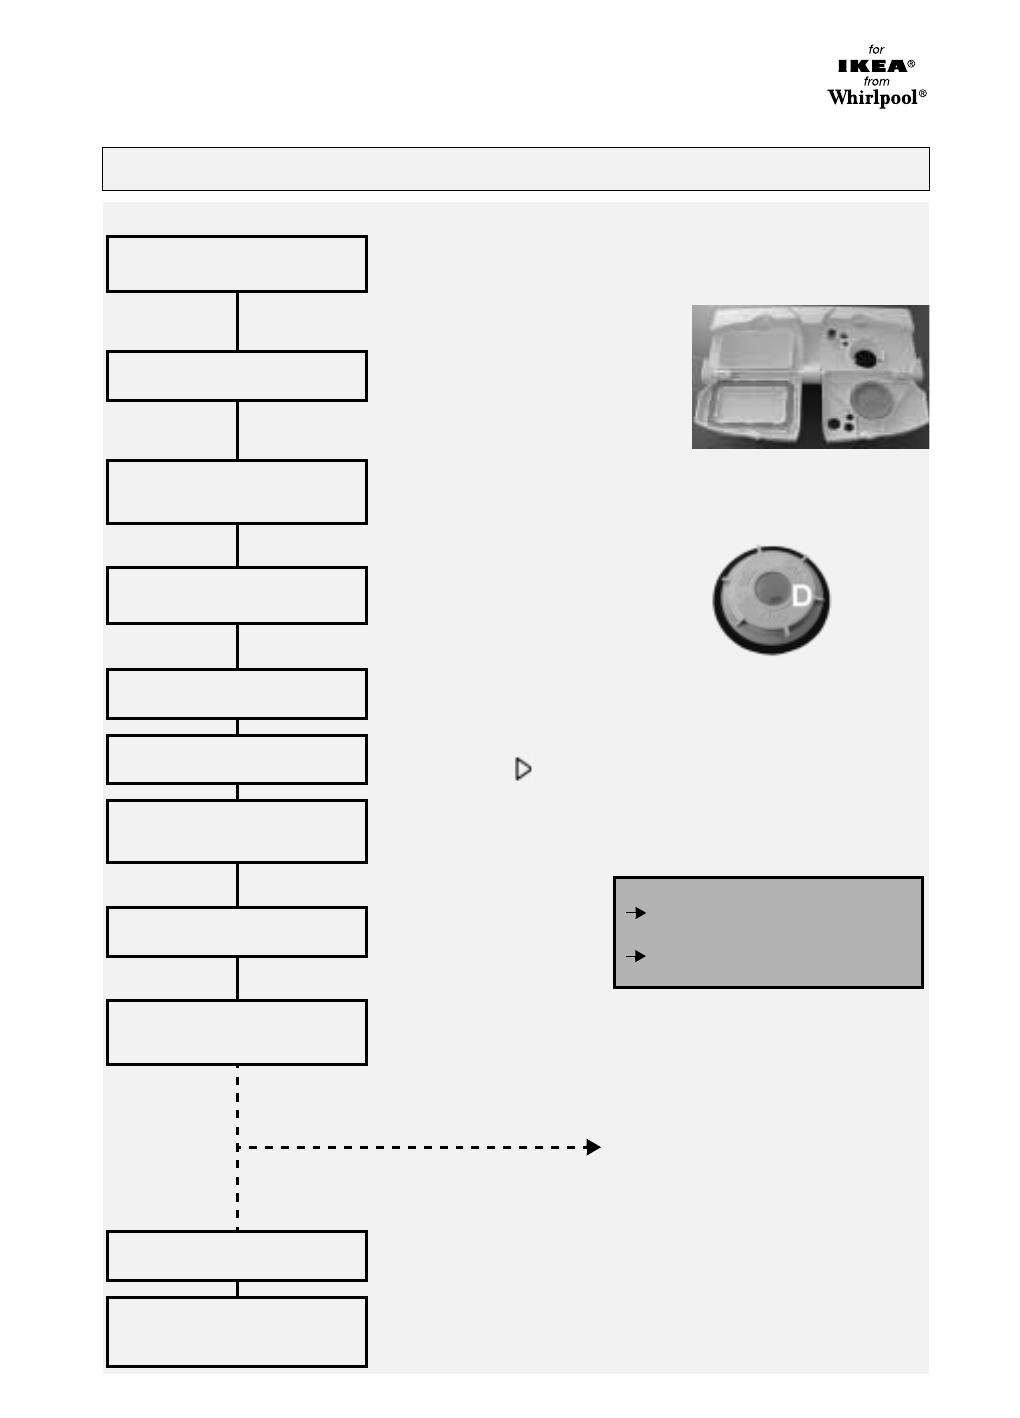 whirlpool dwh b00 afmetingen analyse van huishoudelijke apparaten. Black Bedroom Furniture Sets. Home Design Ideas